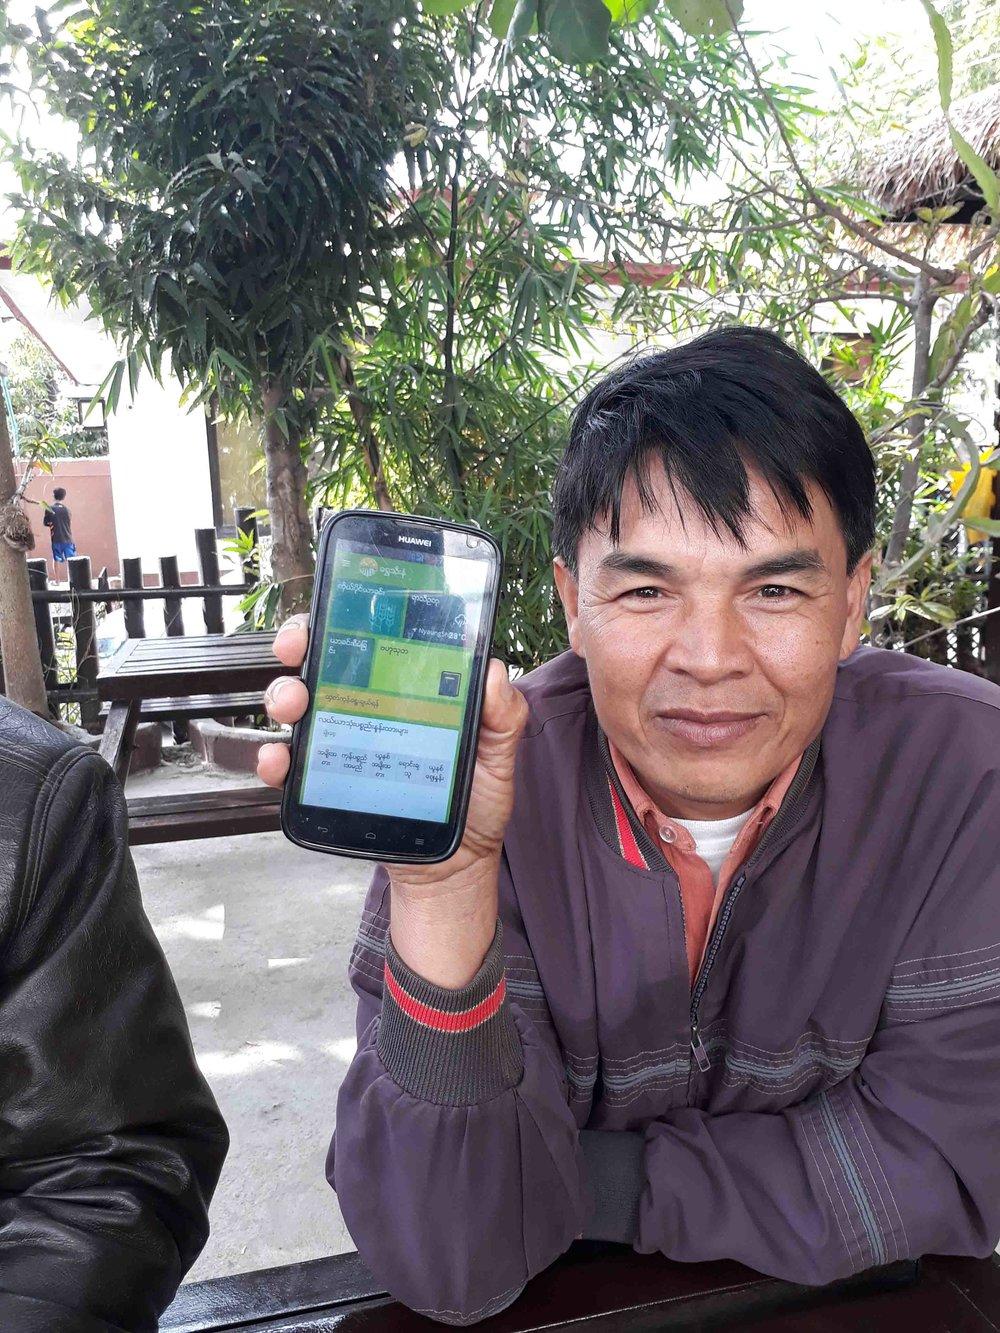 Tin Aung (Vegetable farm) -